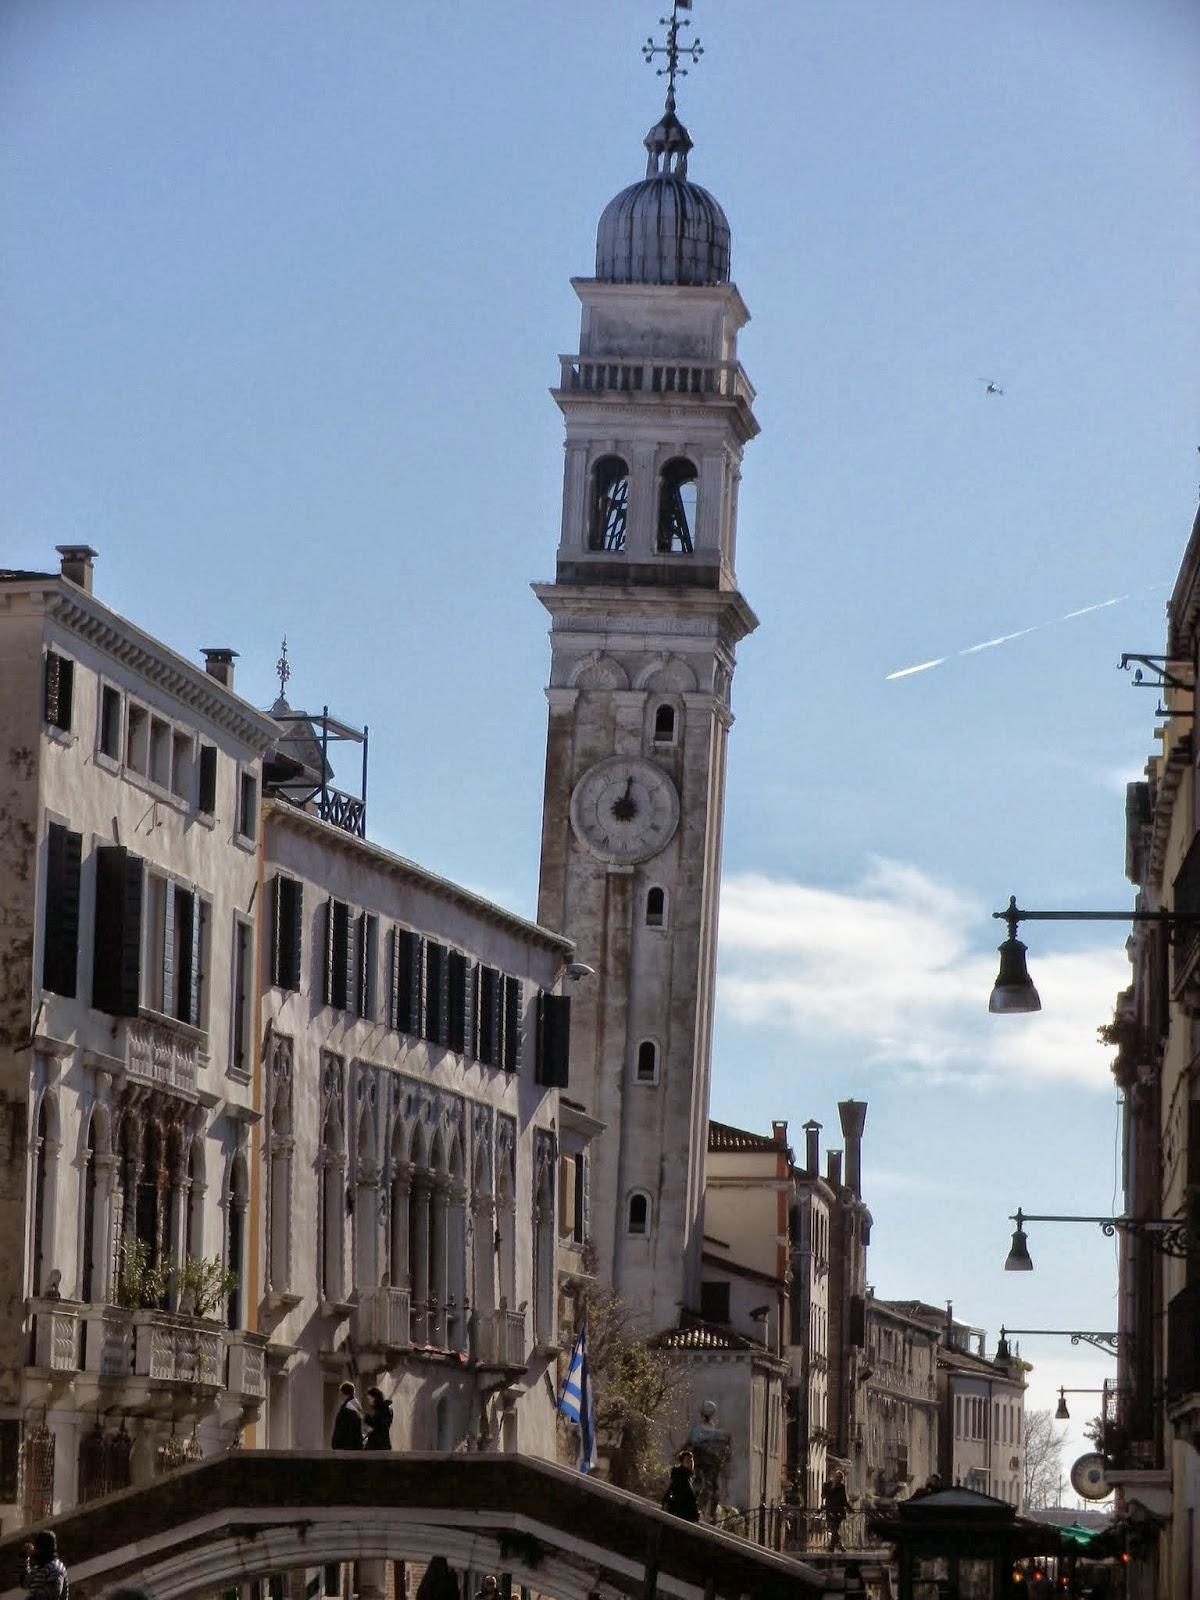 Leaning bell tower, or campanile pendente, San Giorgio dei Greci, Venice